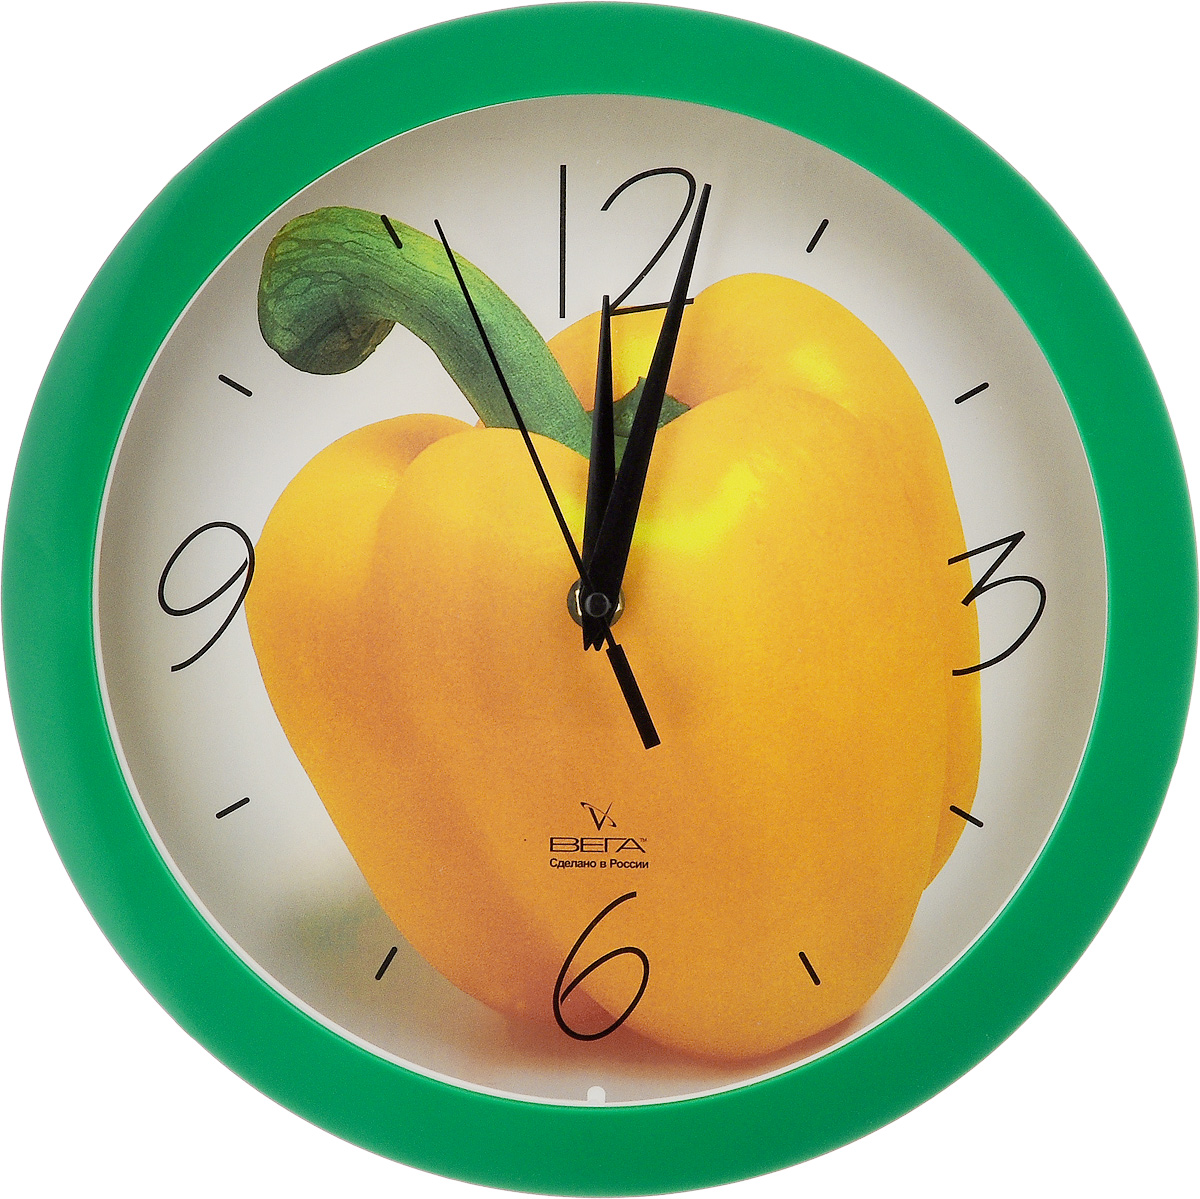 Часы настенные Вега Желтый перец, диаметр 28,5 смП1-10/7-287Настенные кварцевые часы Вега Желтый перец, изготовленные из пластика, прекрасно впишутся в интерьер вашего дома. Круглые часы имеют три стрелки: часовую, минутную и секундную, циферблат защищен прозрачным стеклом. Часы работают от 1 батарейки типа АА напряжением 1,5 В (не входит в комплект). Диаметр часов: 28,5 см.